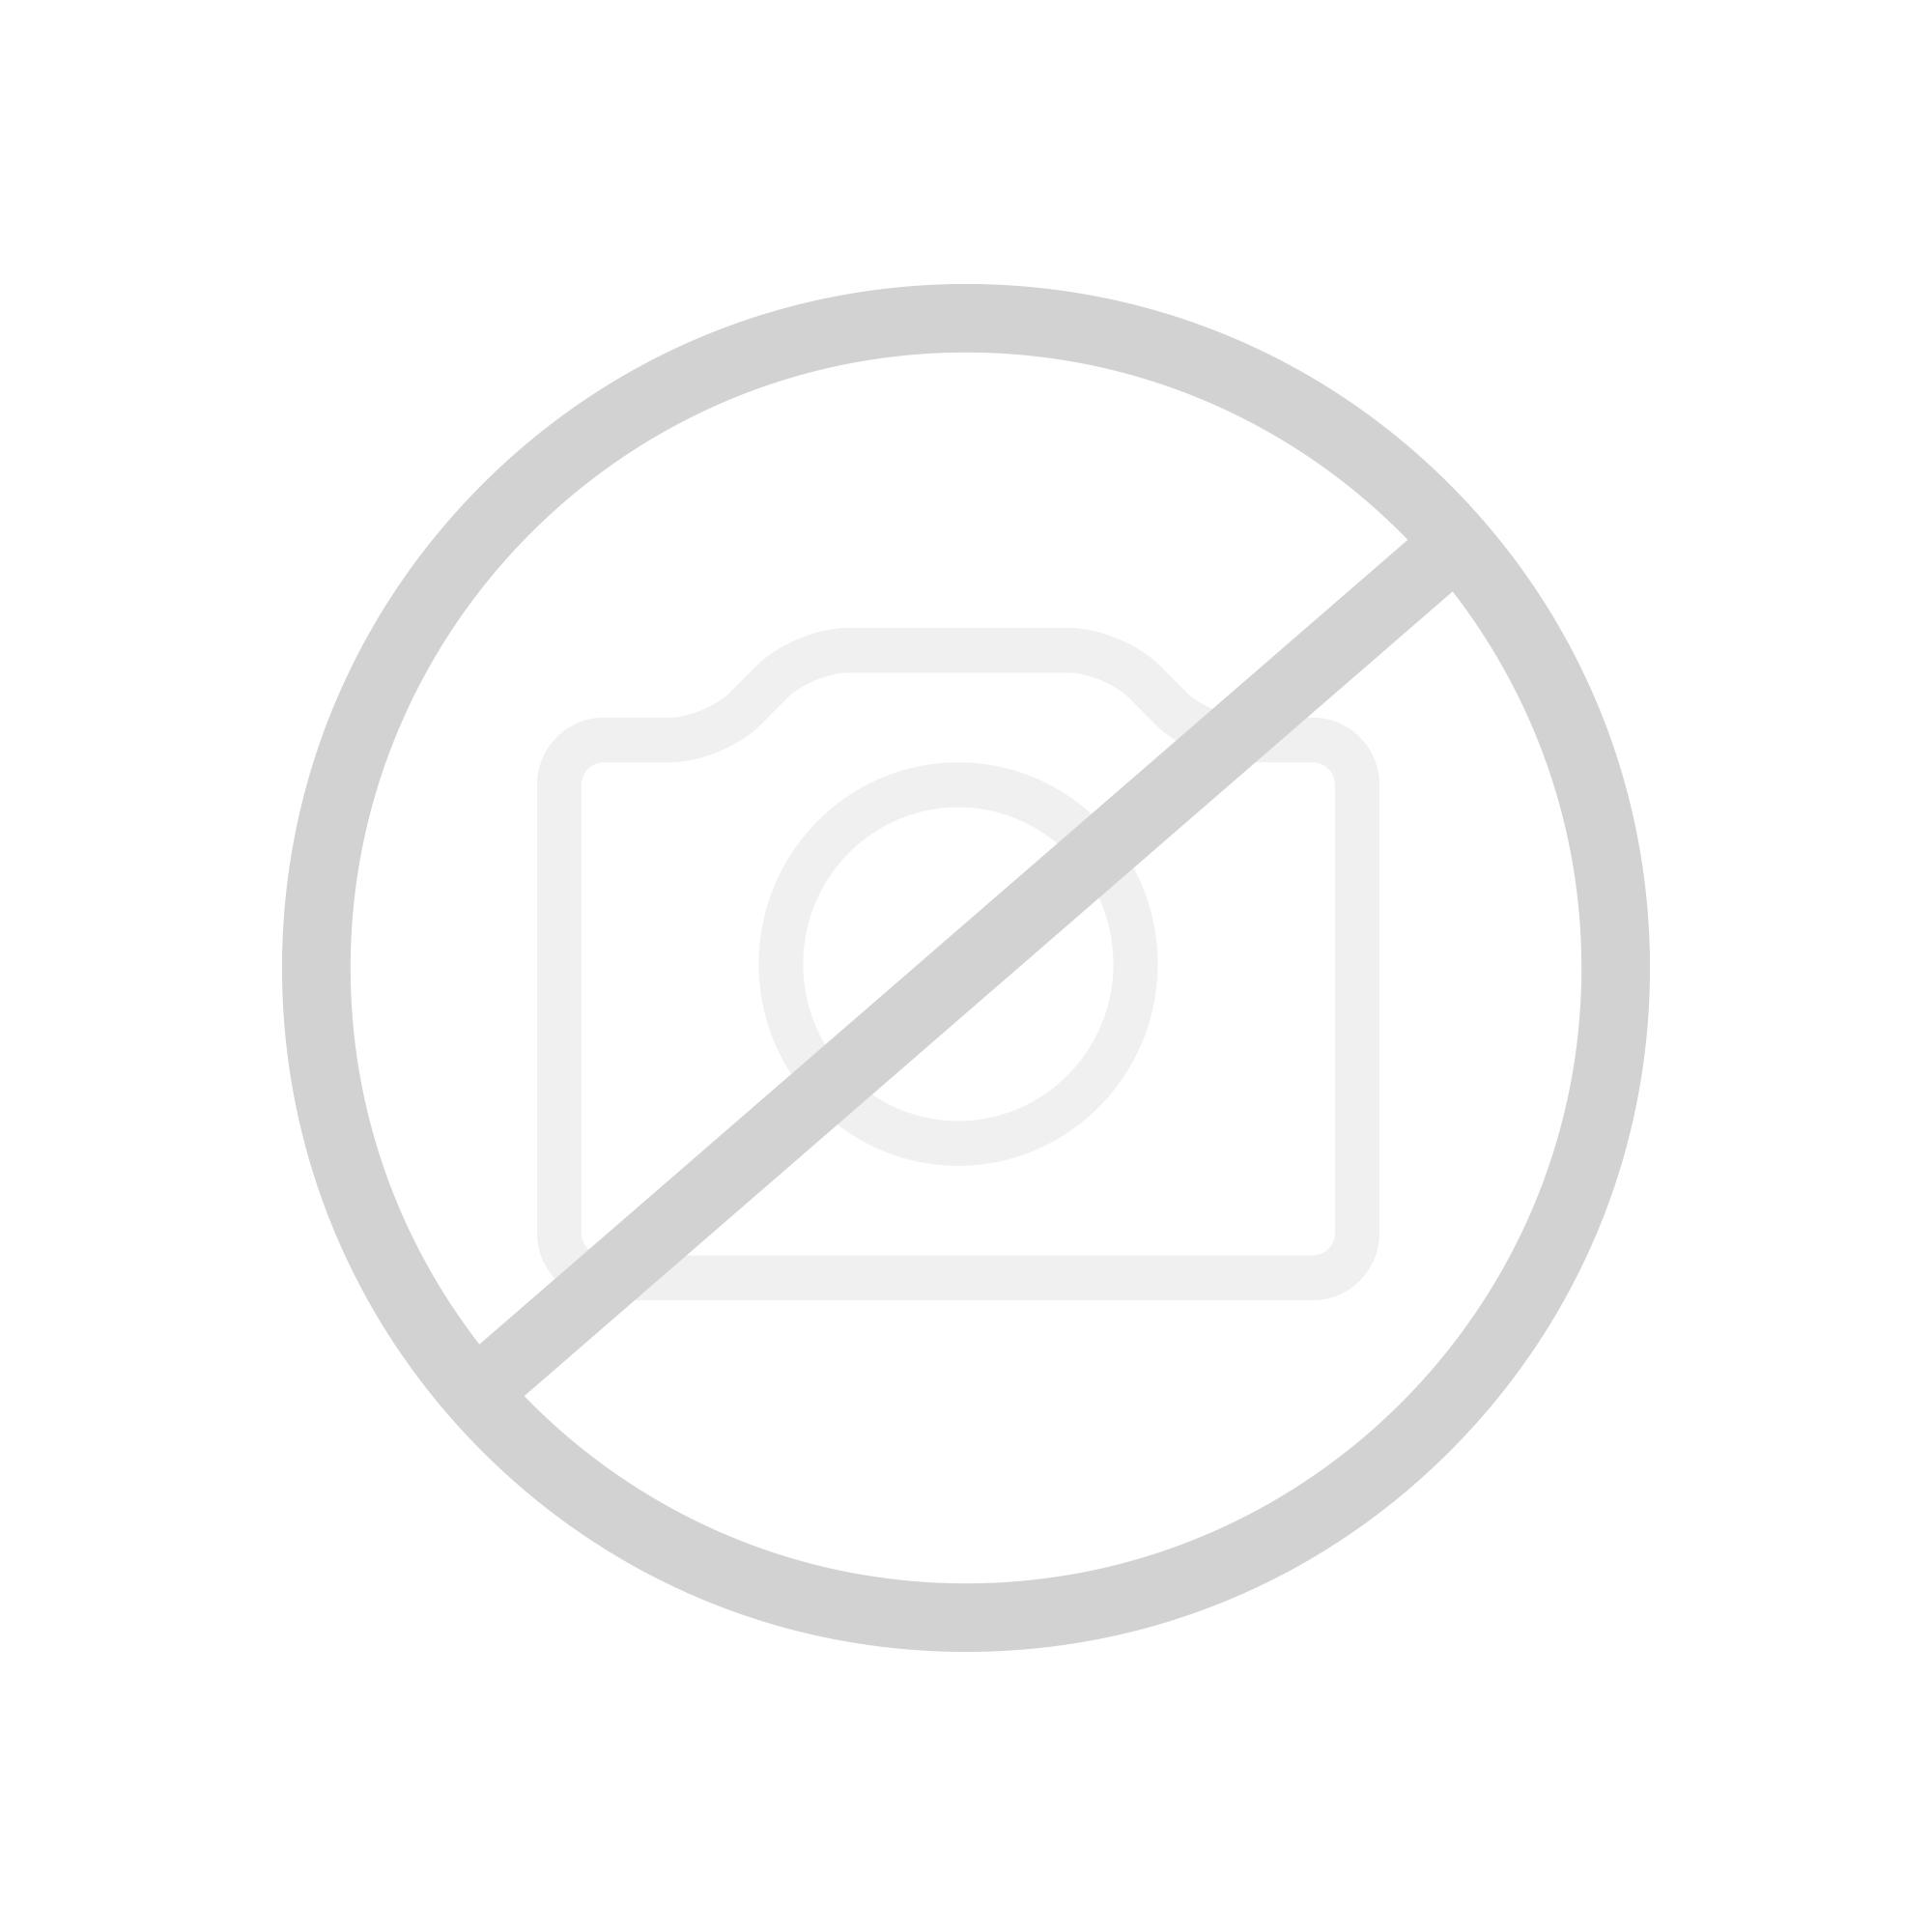 Geberit AP-Spülkasten AP127 mit Spül-Stopp-Spülung